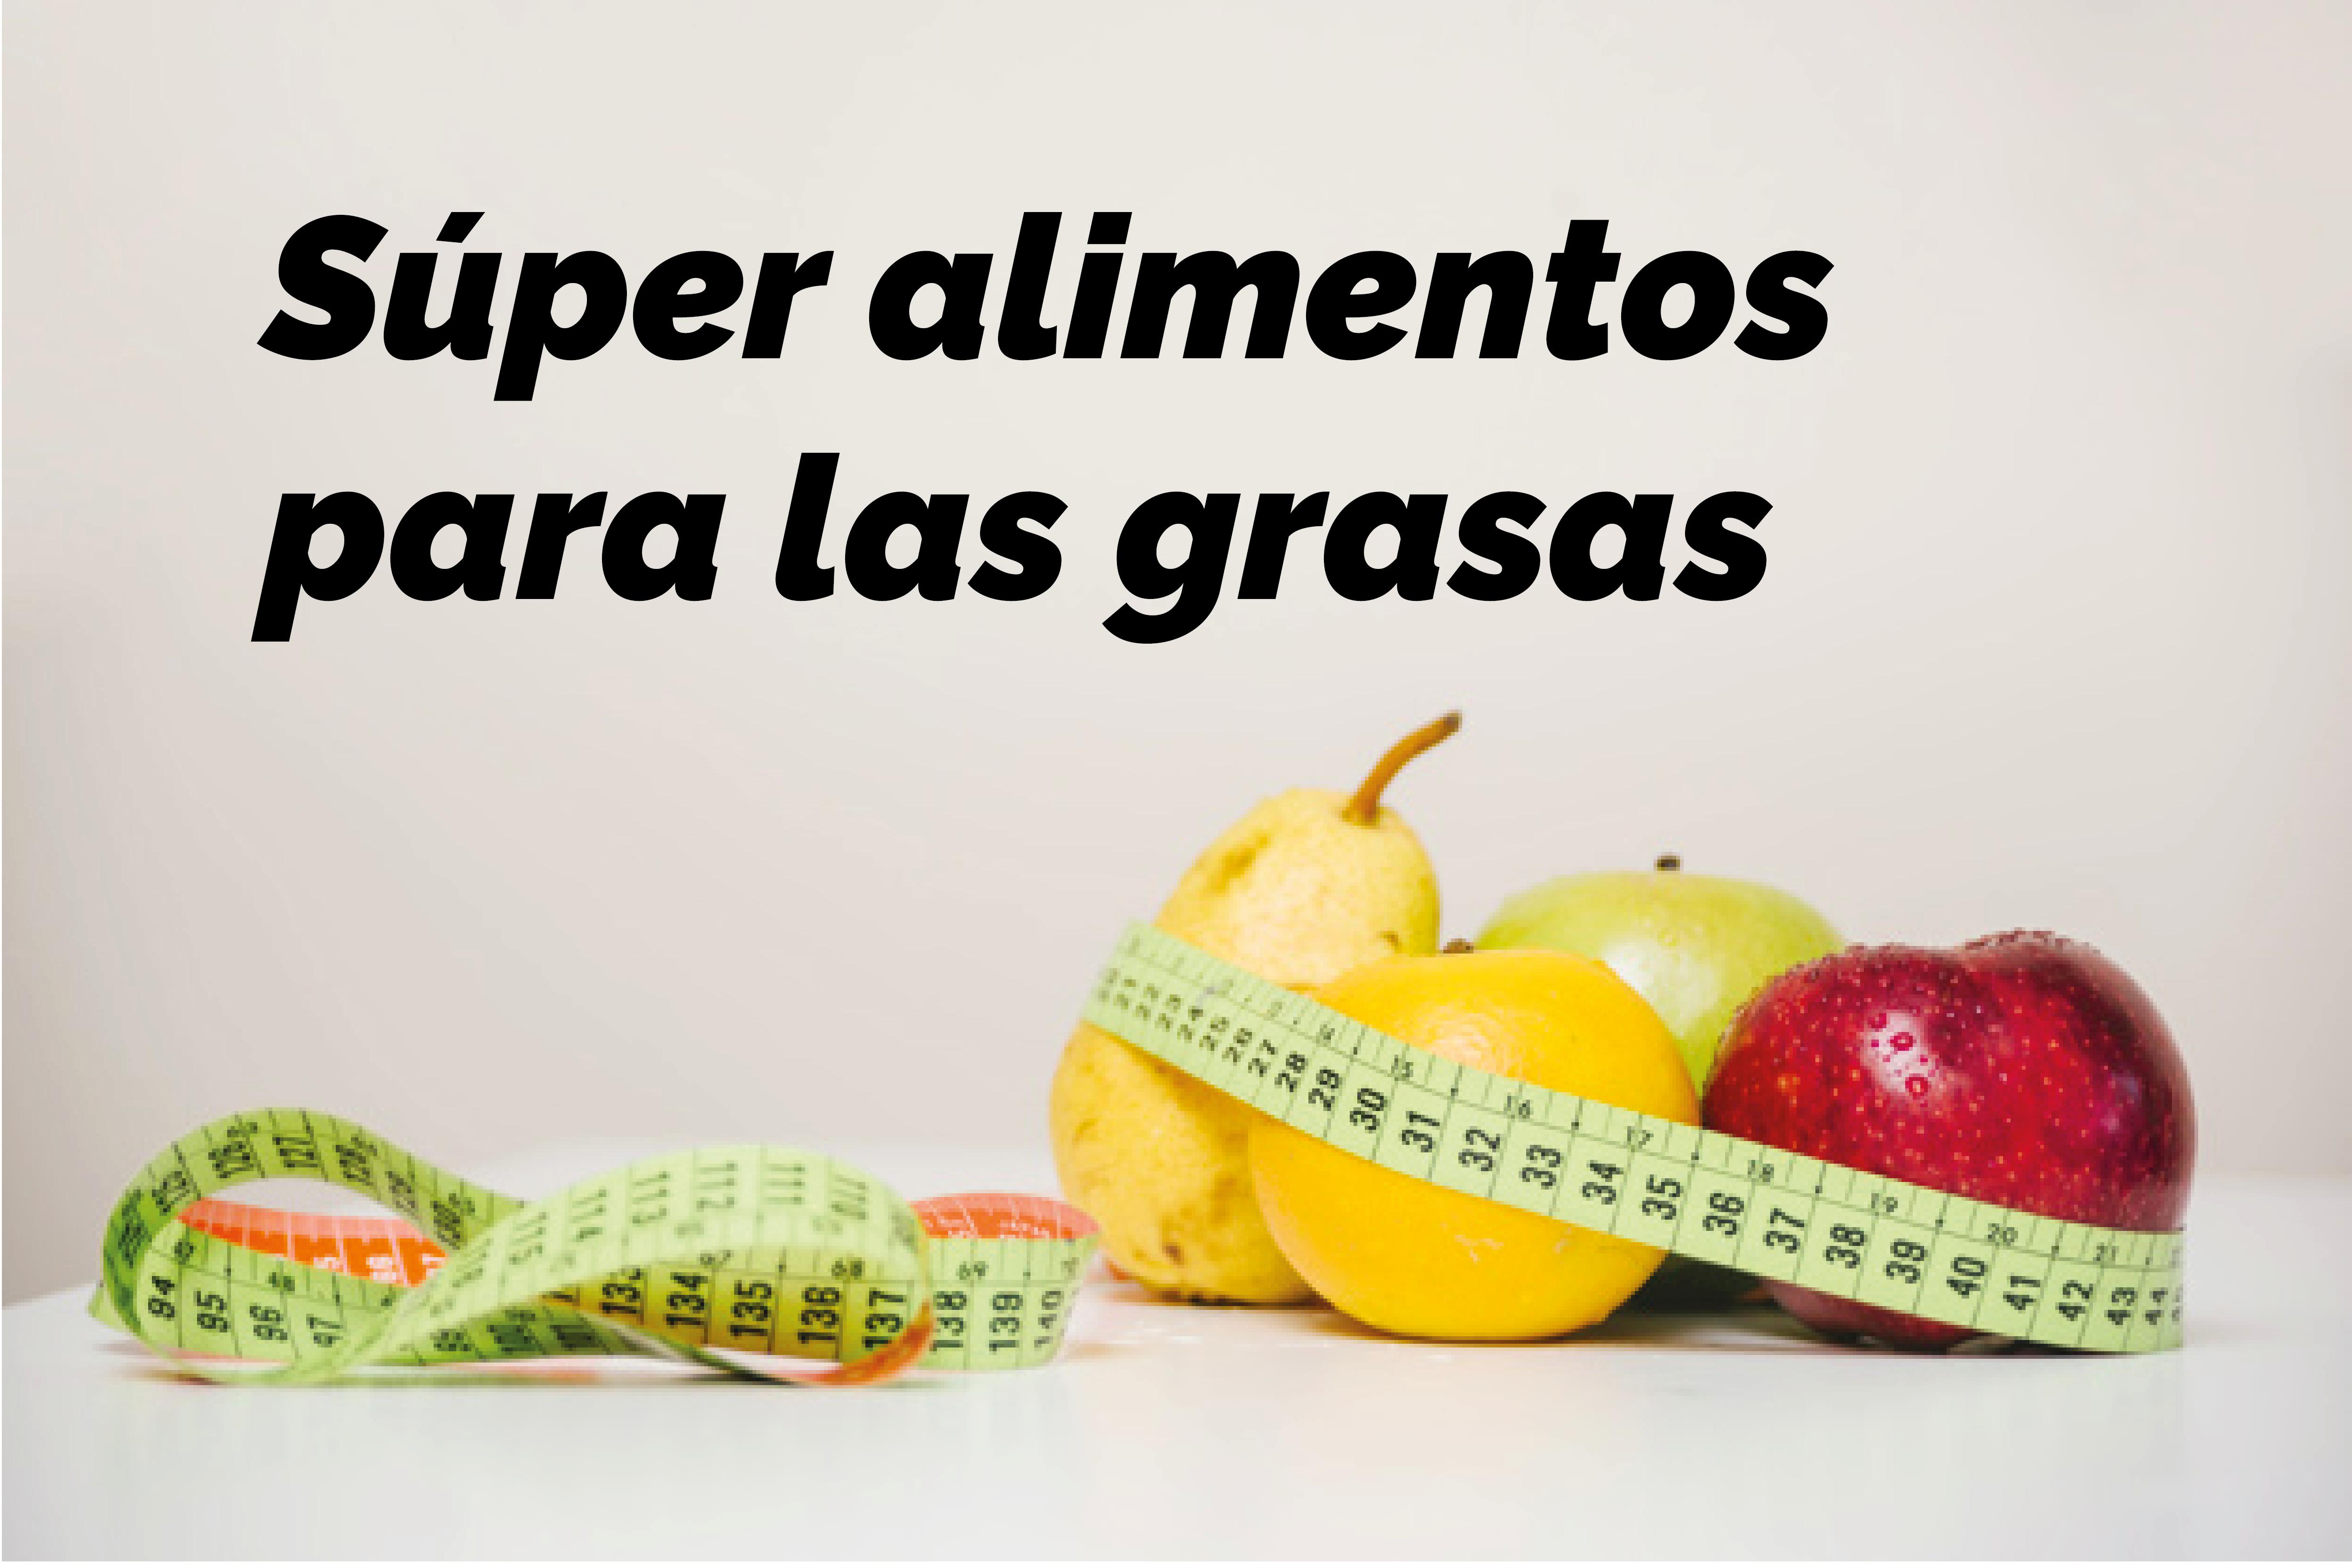 Súper alimentos para las grasas